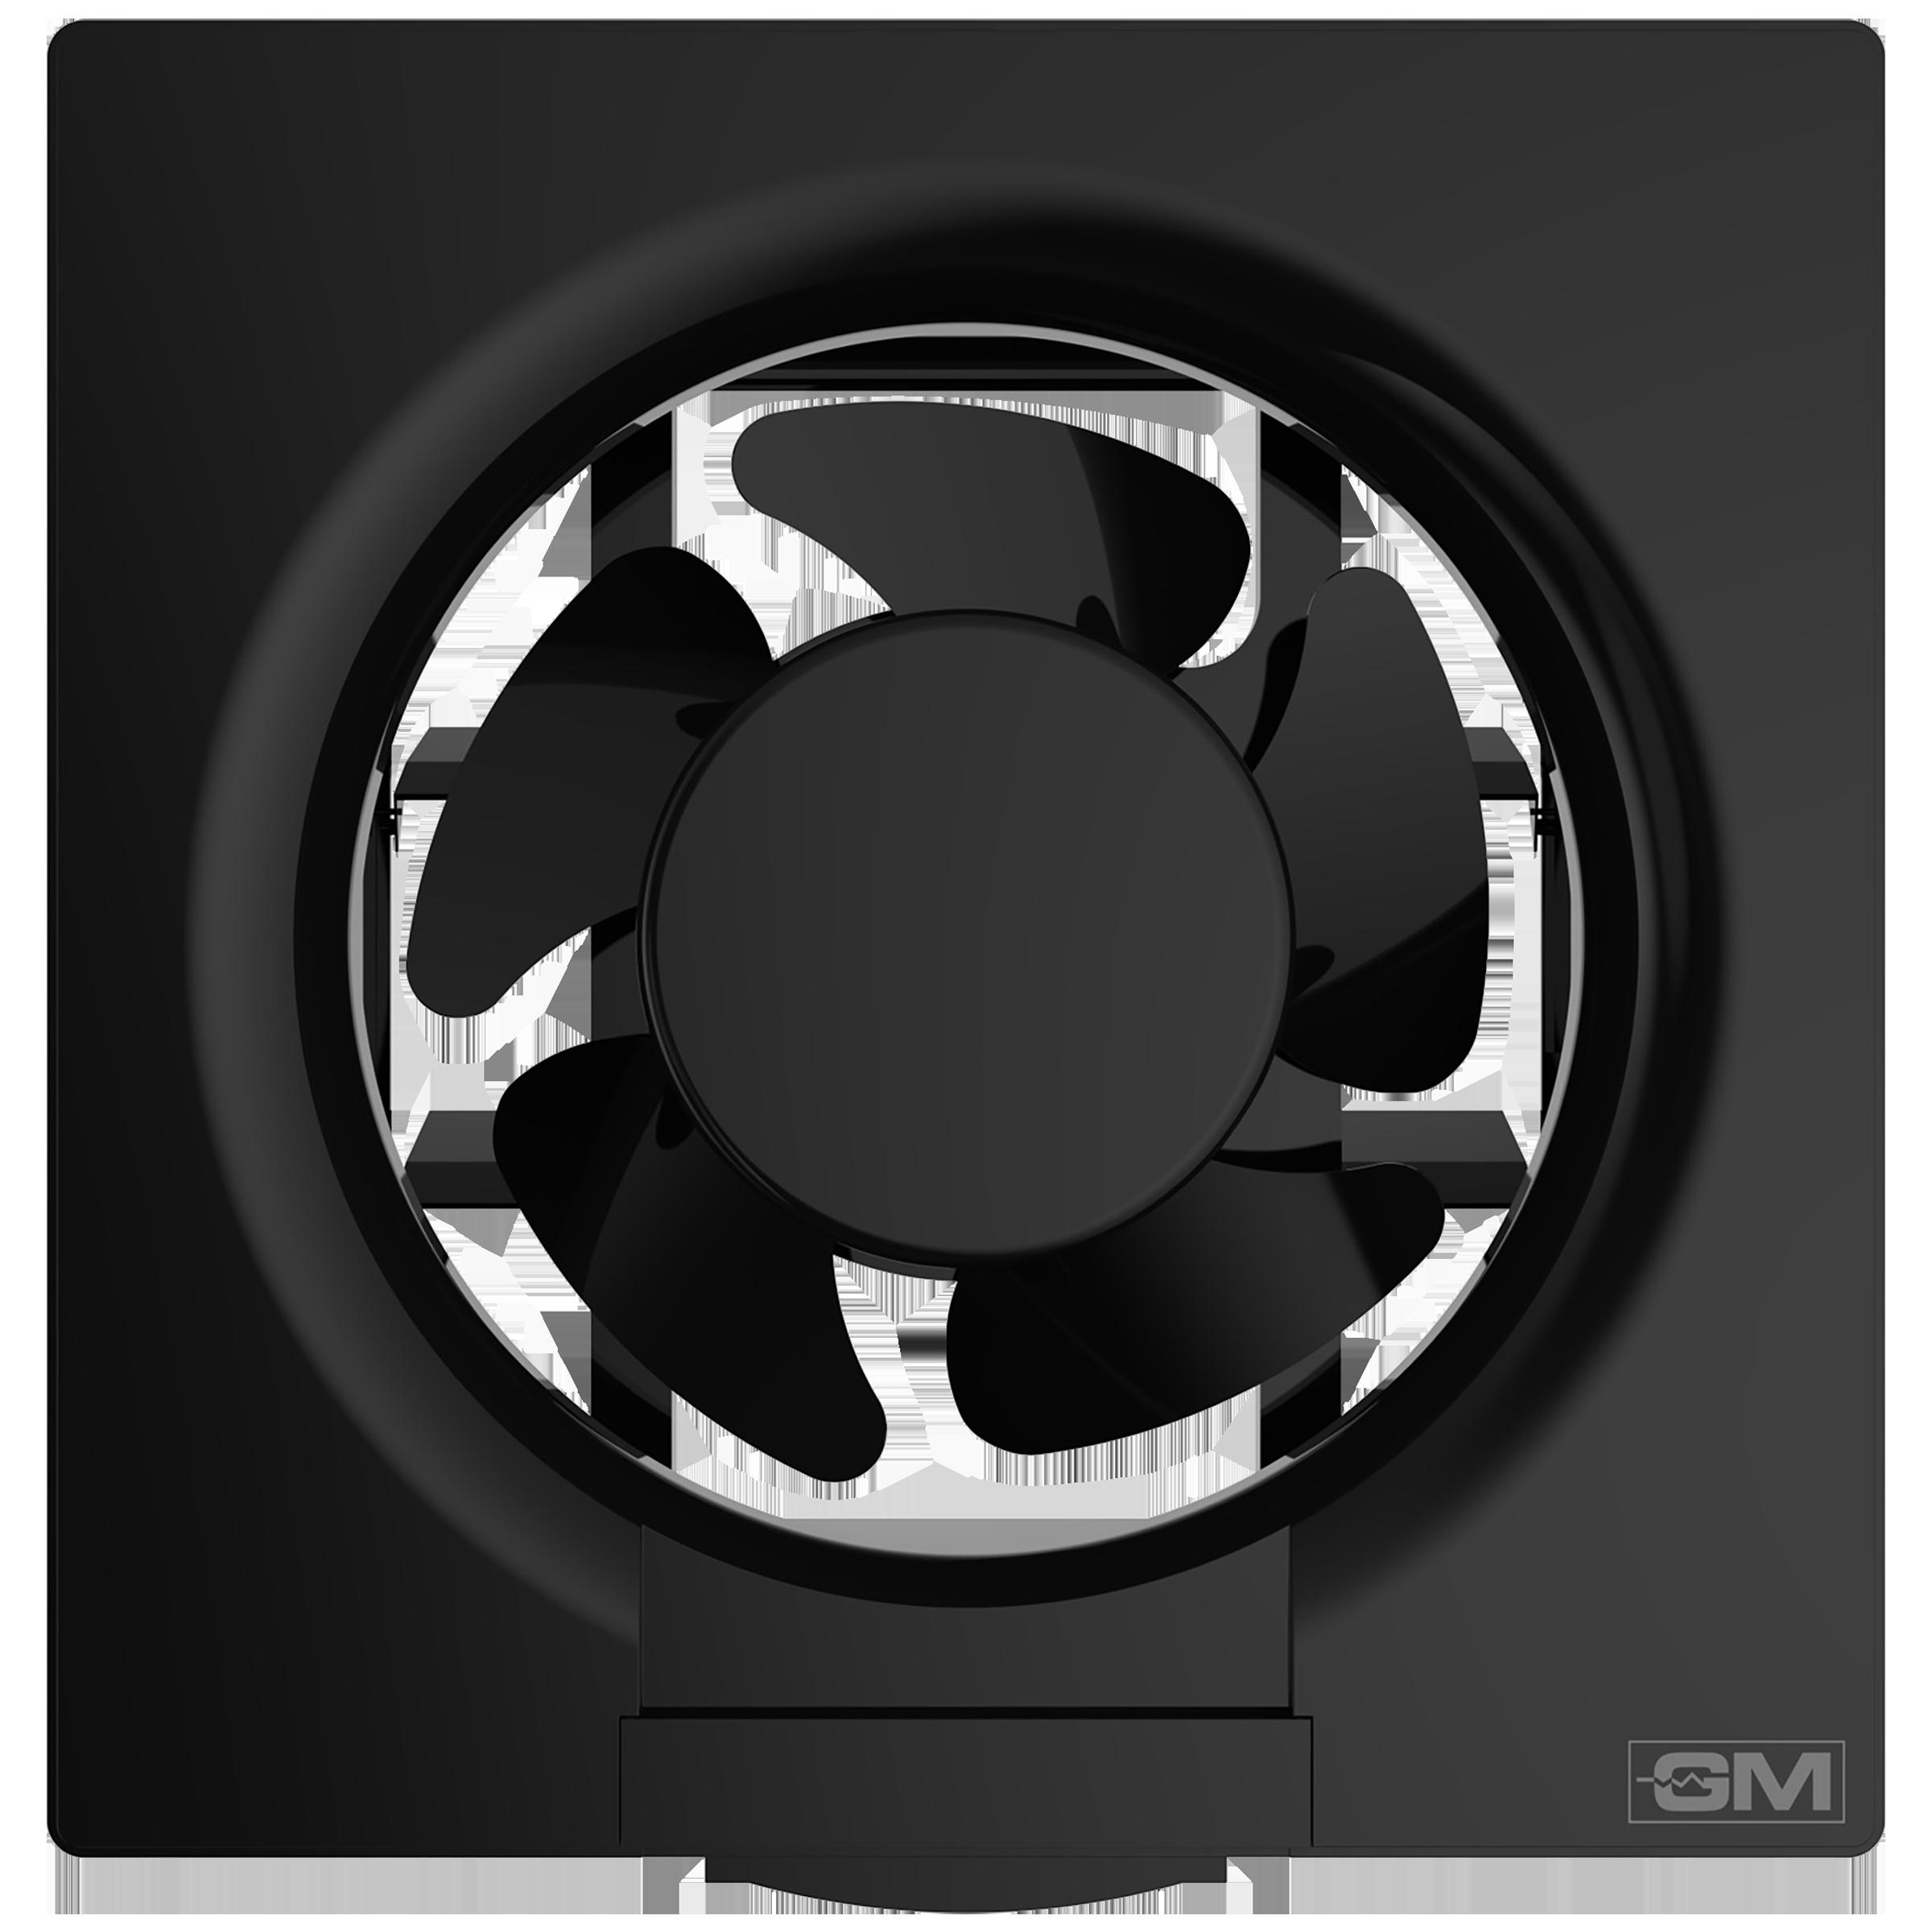 GM Eco Air 20 cm Sweep Exhaust Fan (Noiseless Fan, VFB080014BKGL, Black)_1